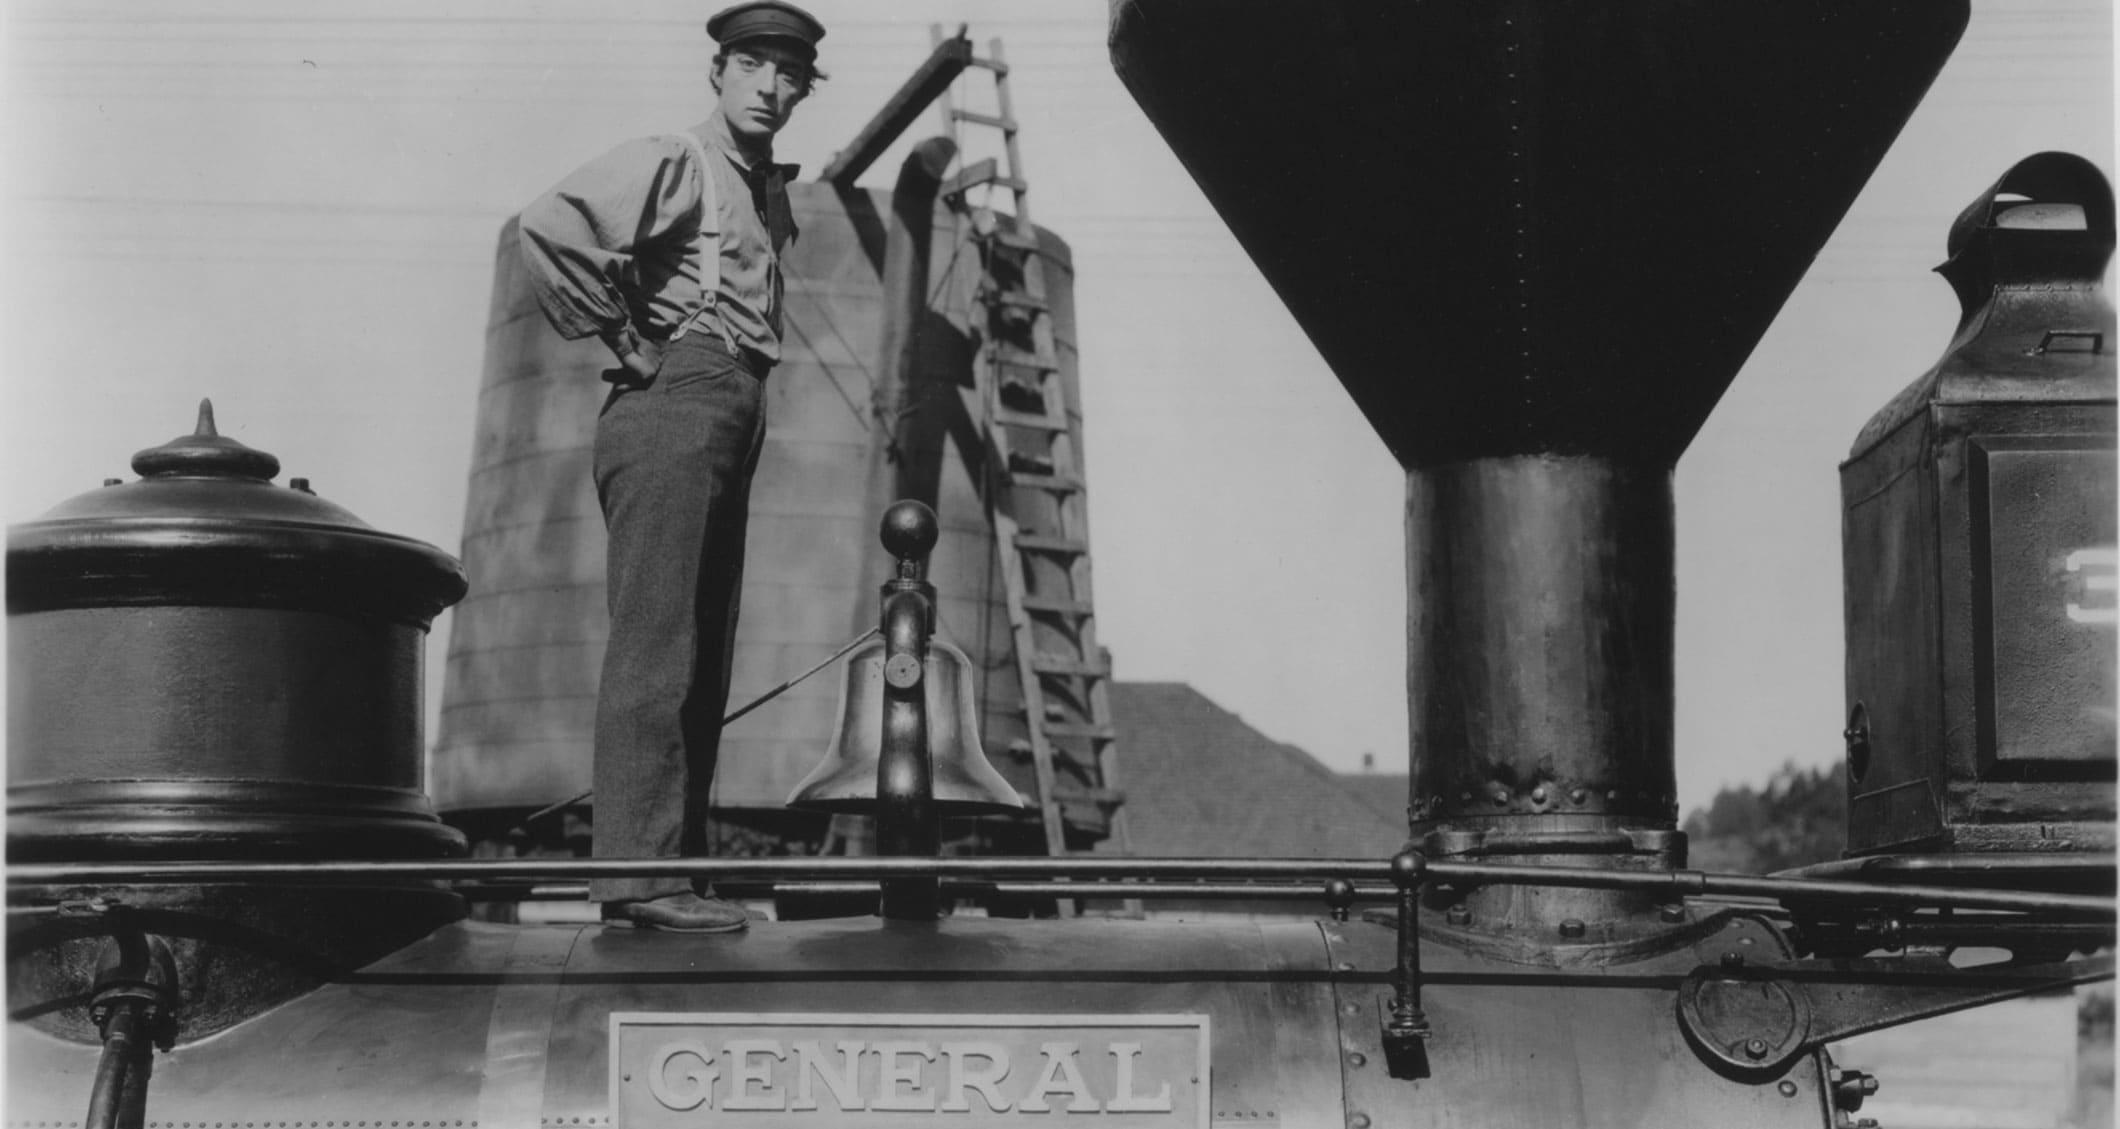 Buster Keaton en El maquinista de la general (El Gran Buster Critica)